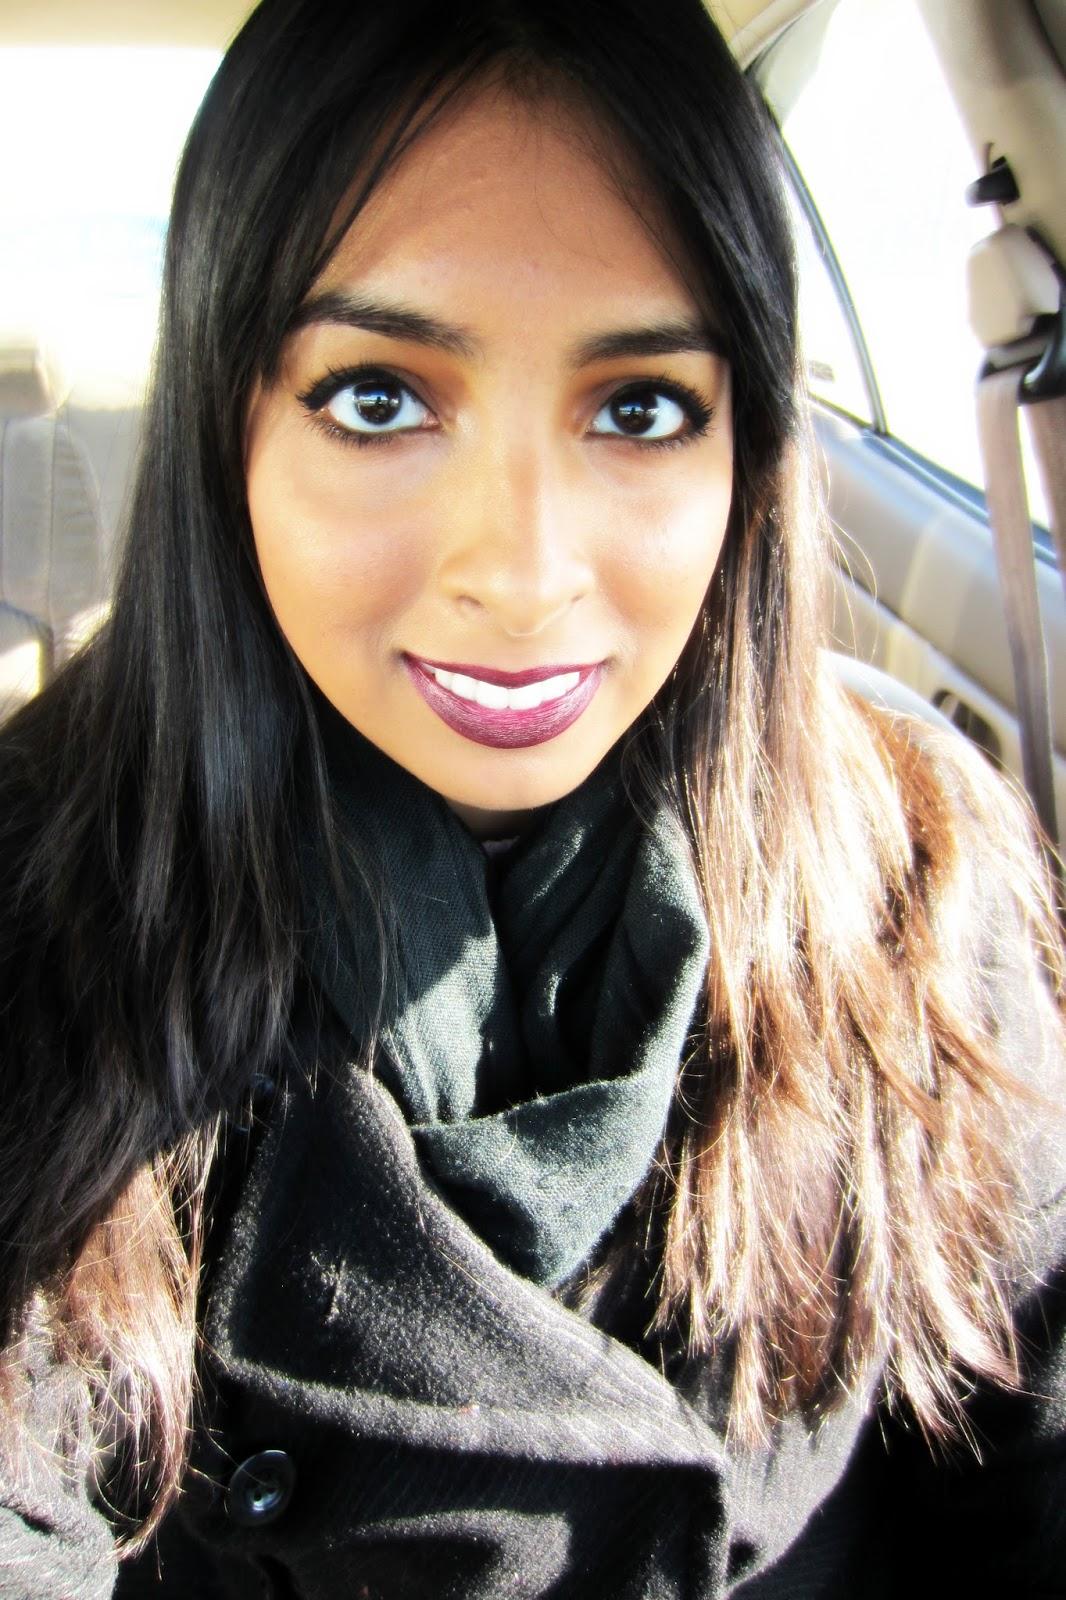 mac maybelline nyx jordana makeup